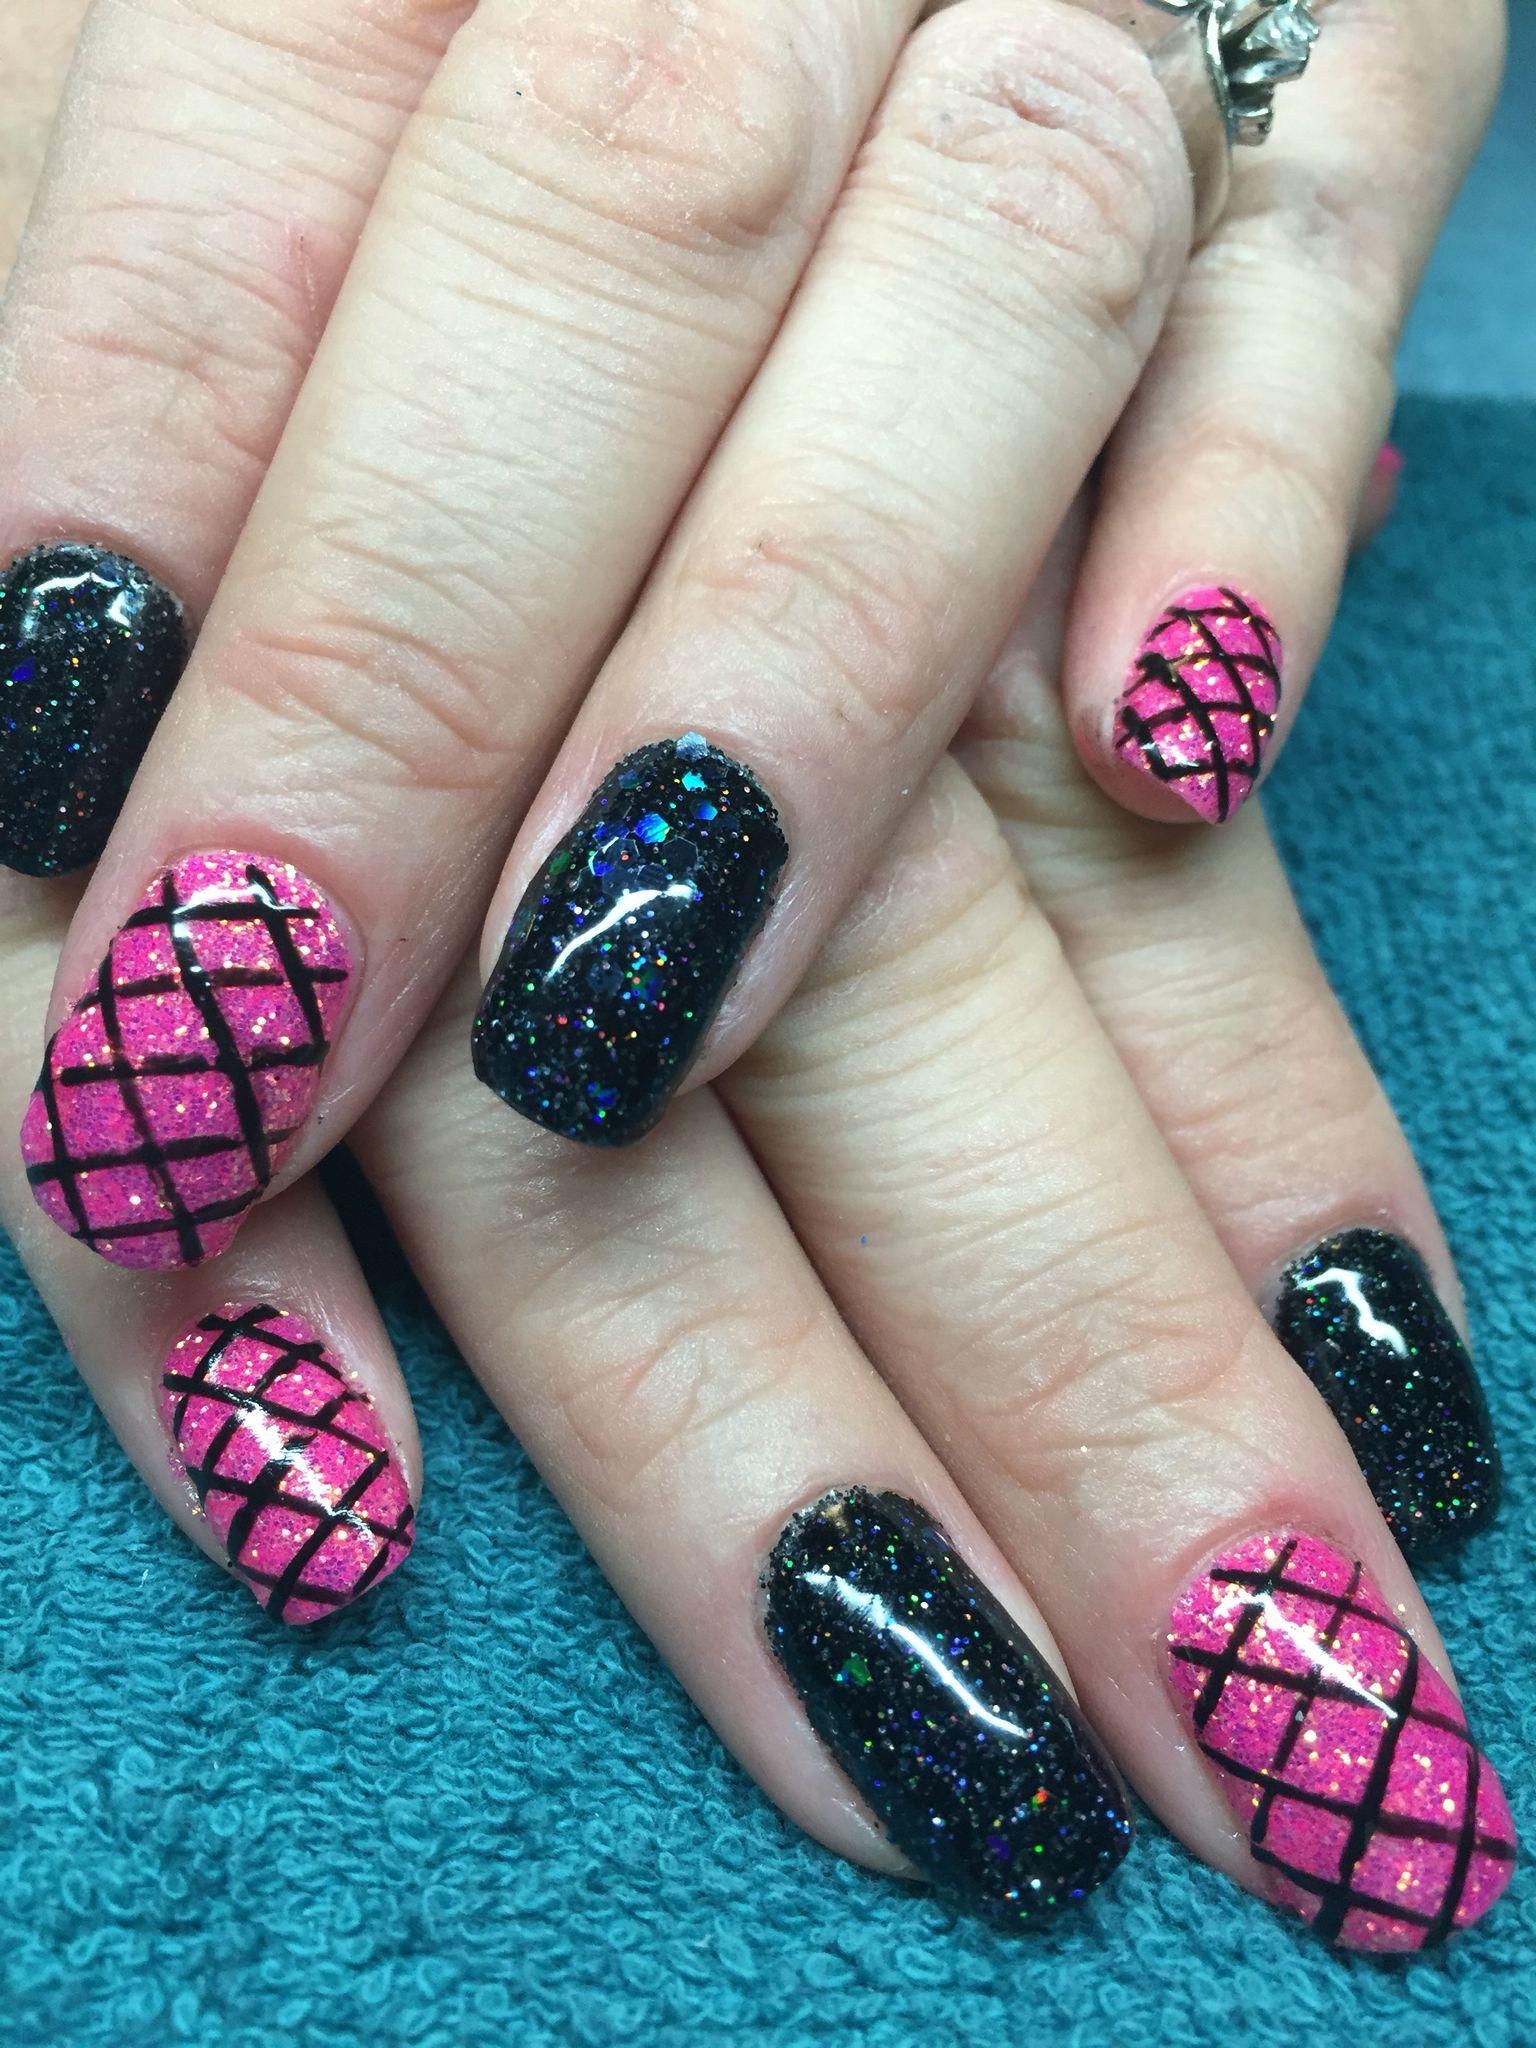 Hot pink and black #nails #nail art | nails | Pinterest ...